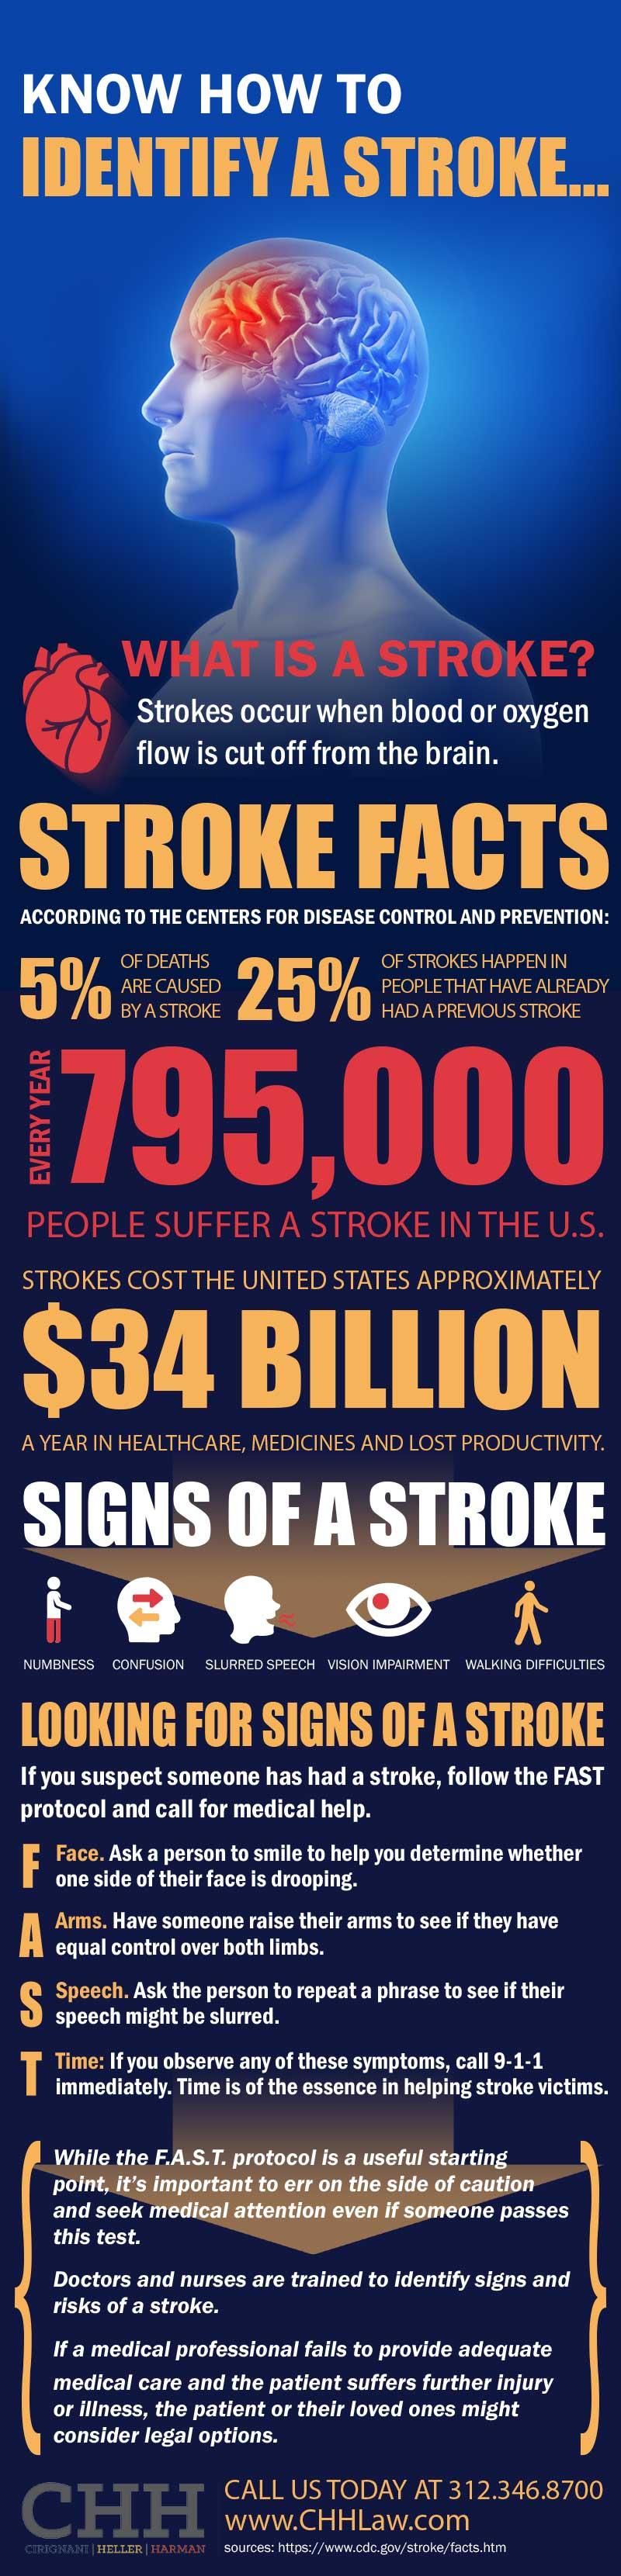 Know How To Identify a Stroke